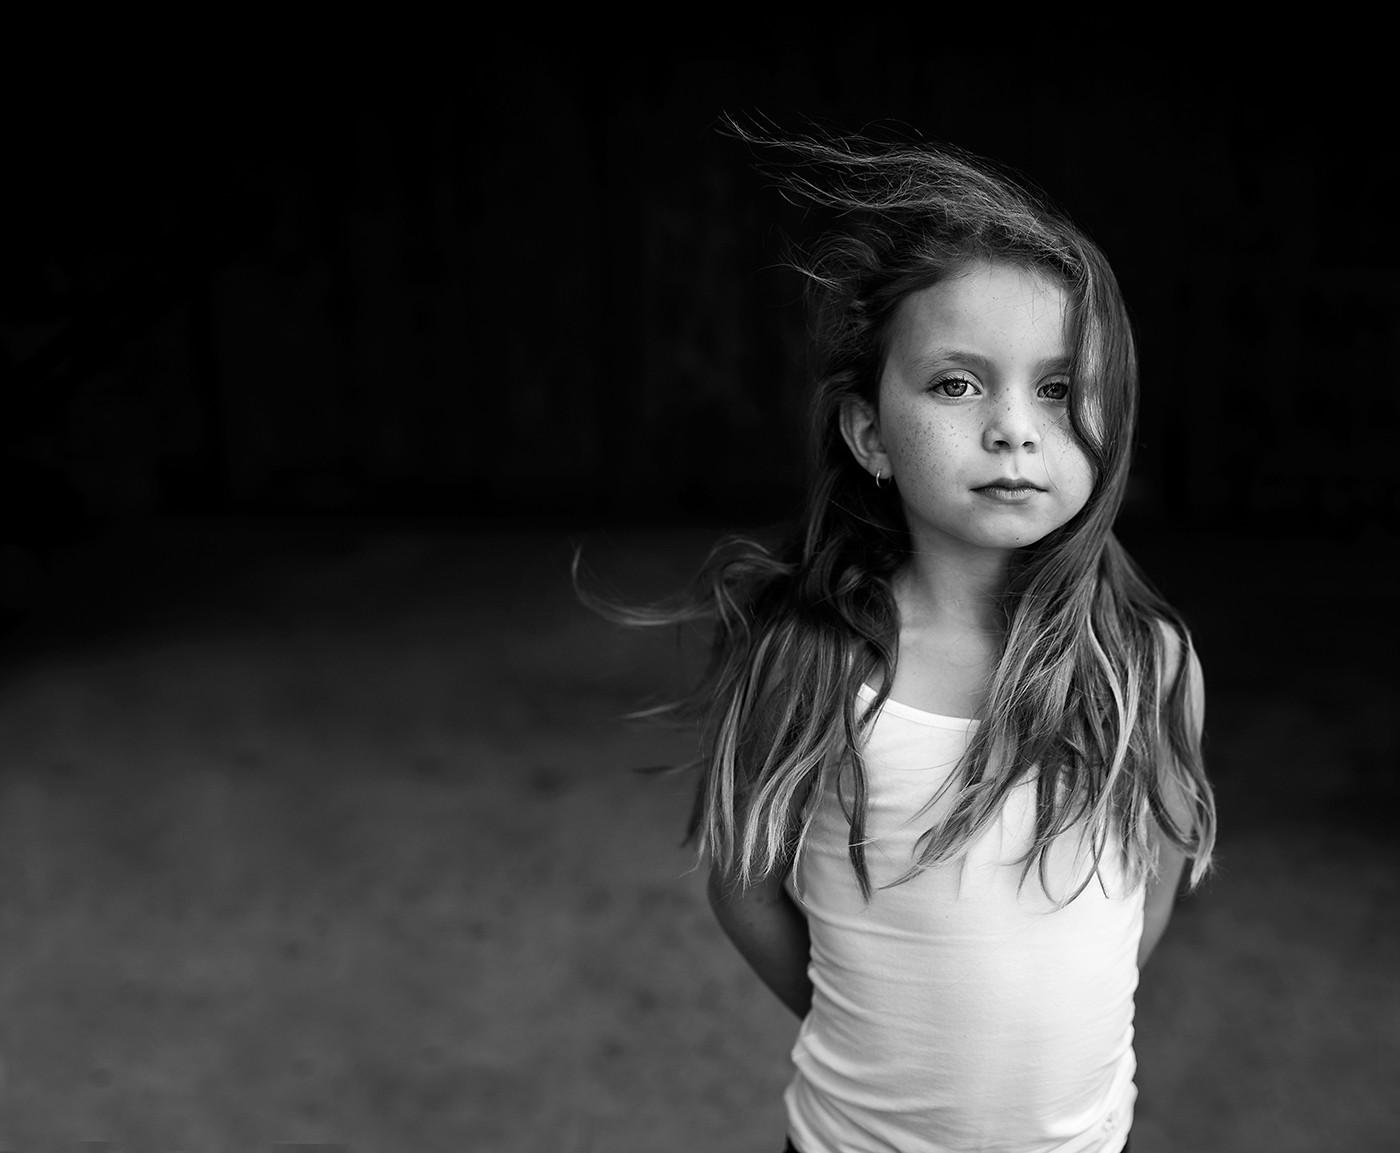 Little But Fierce by Chrissy Sandifer